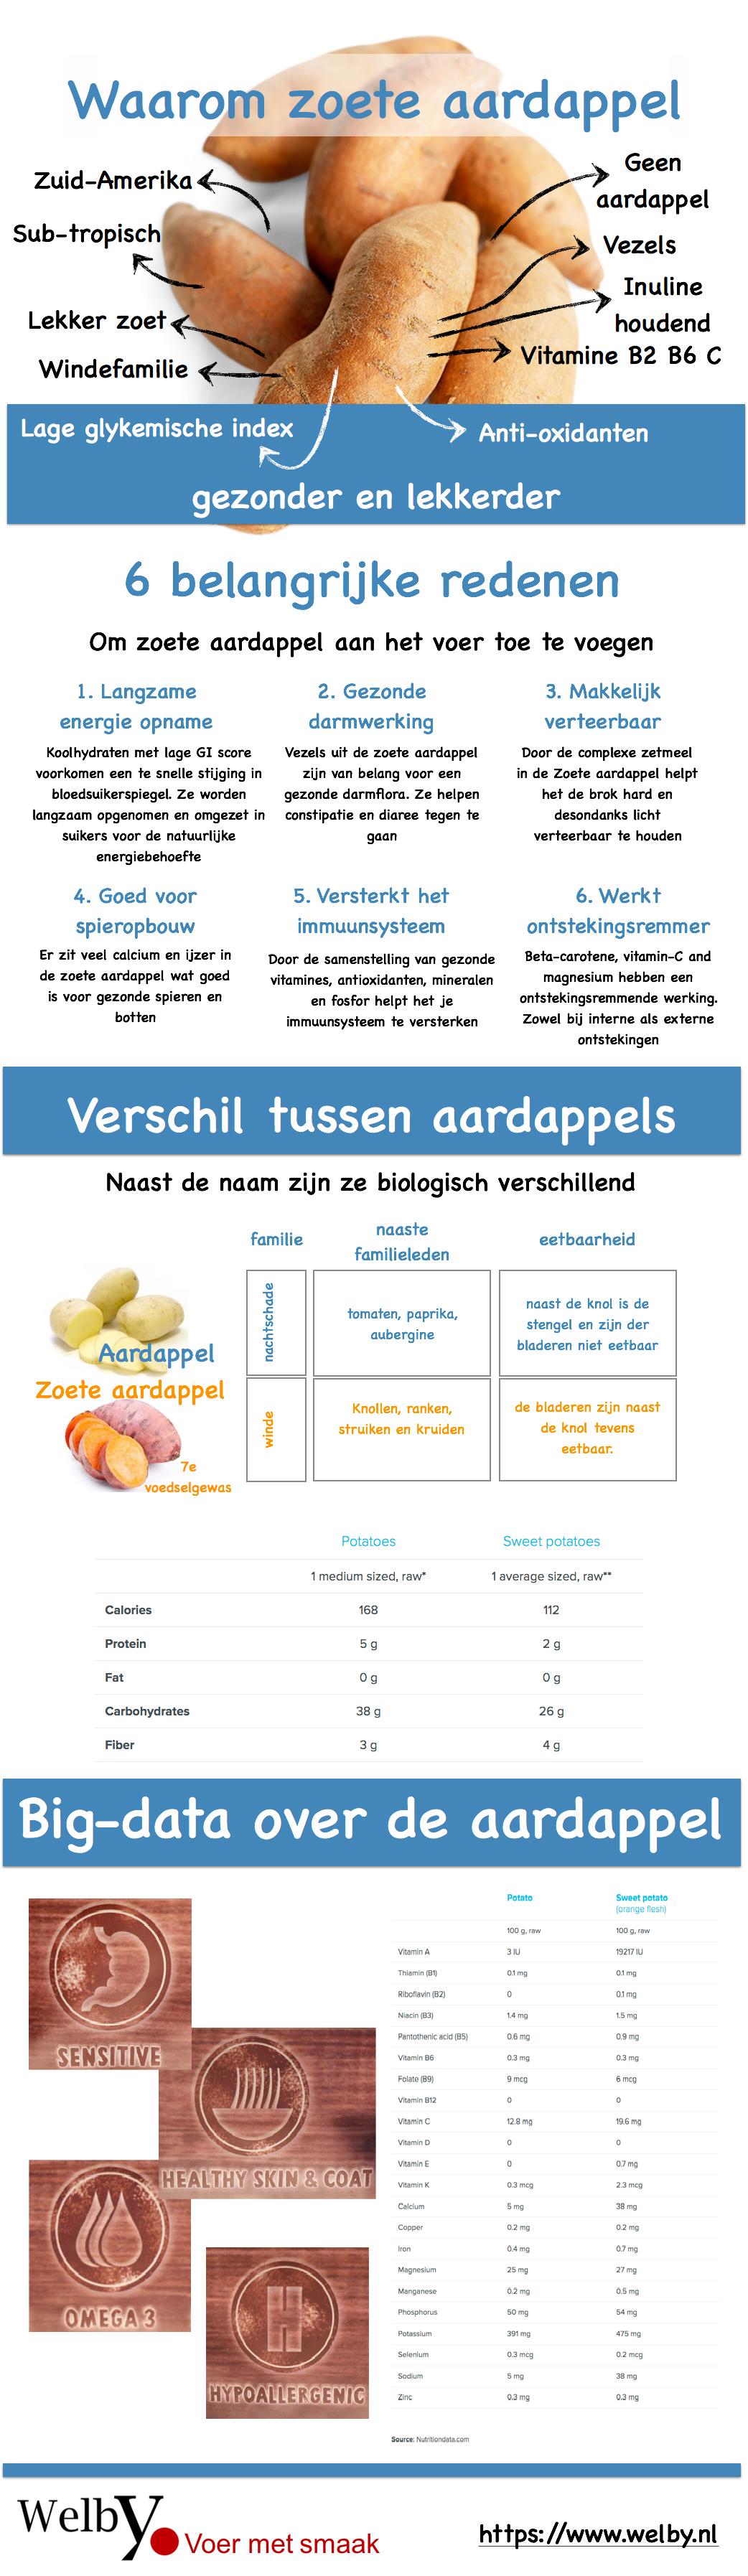 infografic Zoete Aardappel als basis lekker hondenvoer